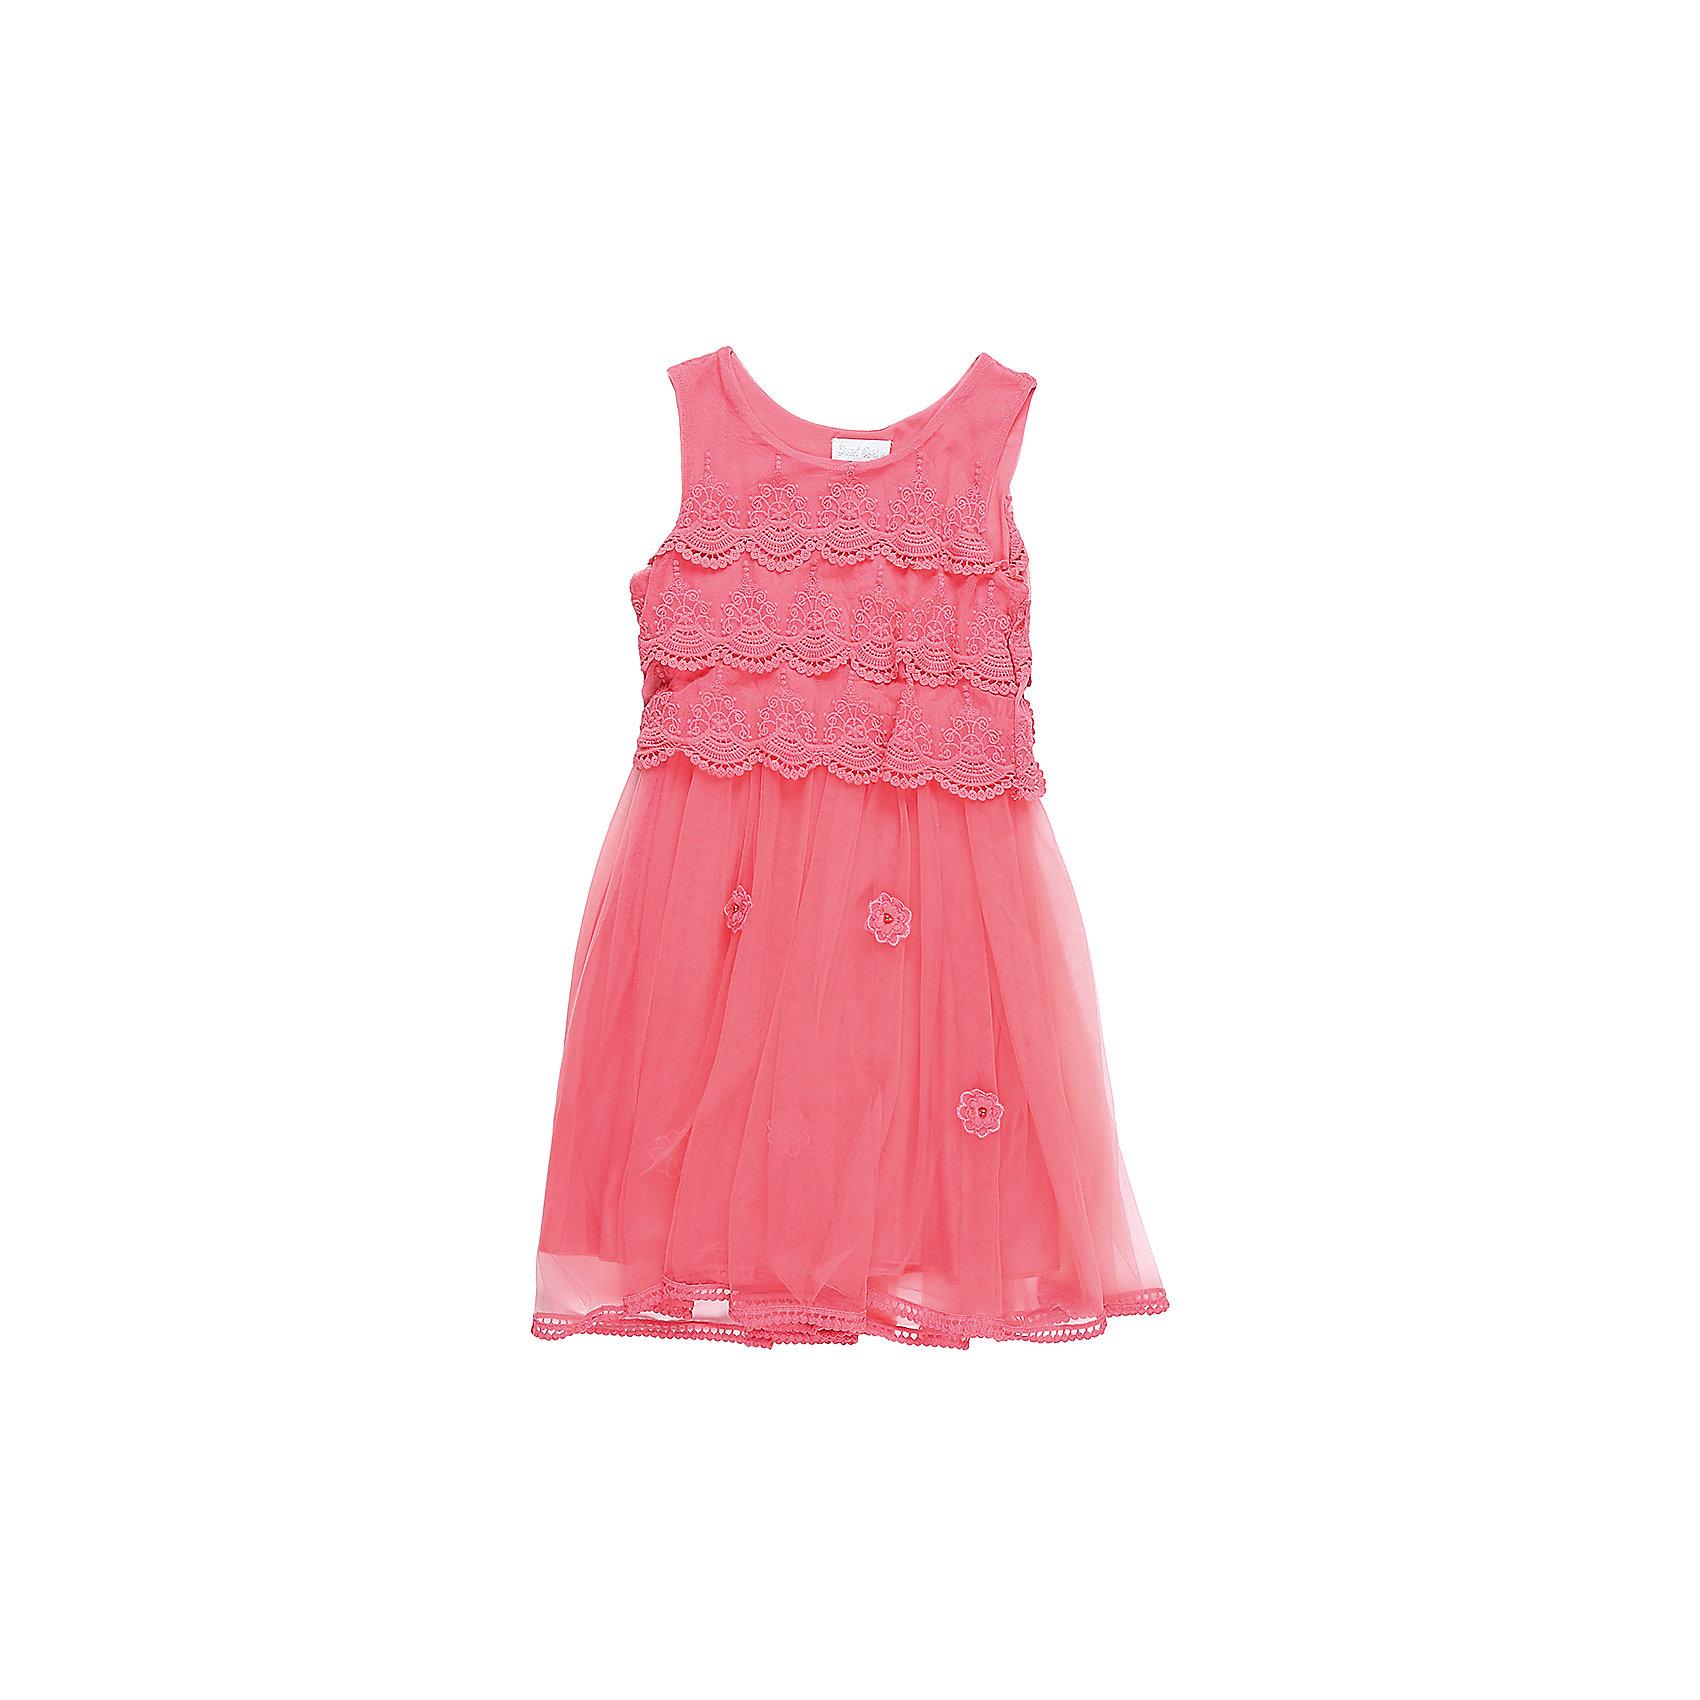 Платье для девочки Sweet BerryОдежда<br>Характеристики товара:<br><br>• цвет: розовый<br>• сезон: круглый год<br>• состав: верх: 100% полиэстер, подкладка: 100% хлопок<br>• стиль: праздник<br>• короткий рукав<br>• особенности: нарядное, пышное<br>• страна бренда: Россия<br>• страна производитель: Китай<br><br>Текстильное платье для девочки, выполненное с подкладкой из 100% хлопковой ткани. <br><br>Верхняя часть изготовлена в виде отдельного кружевного топа и прозрачной юбки из фатина. <br><br>Платье розового цвета - стильный и модный наряд для детских мероприятий или праздников.<br><br>Платье для девочки Sweet Berry можно купить в нашем интернет-магазине.<br><br>Ширина мм: 236<br>Глубина мм: 16<br>Высота мм: 184<br>Вес г: 177<br>Цвет: розовый<br>Возраст от месяцев: 36<br>Возраст до месяцев: 48<br>Пол: Женский<br>Возраст: Детский<br>Размер: 104,110,116,128,140,98<br>SKU: 6849903